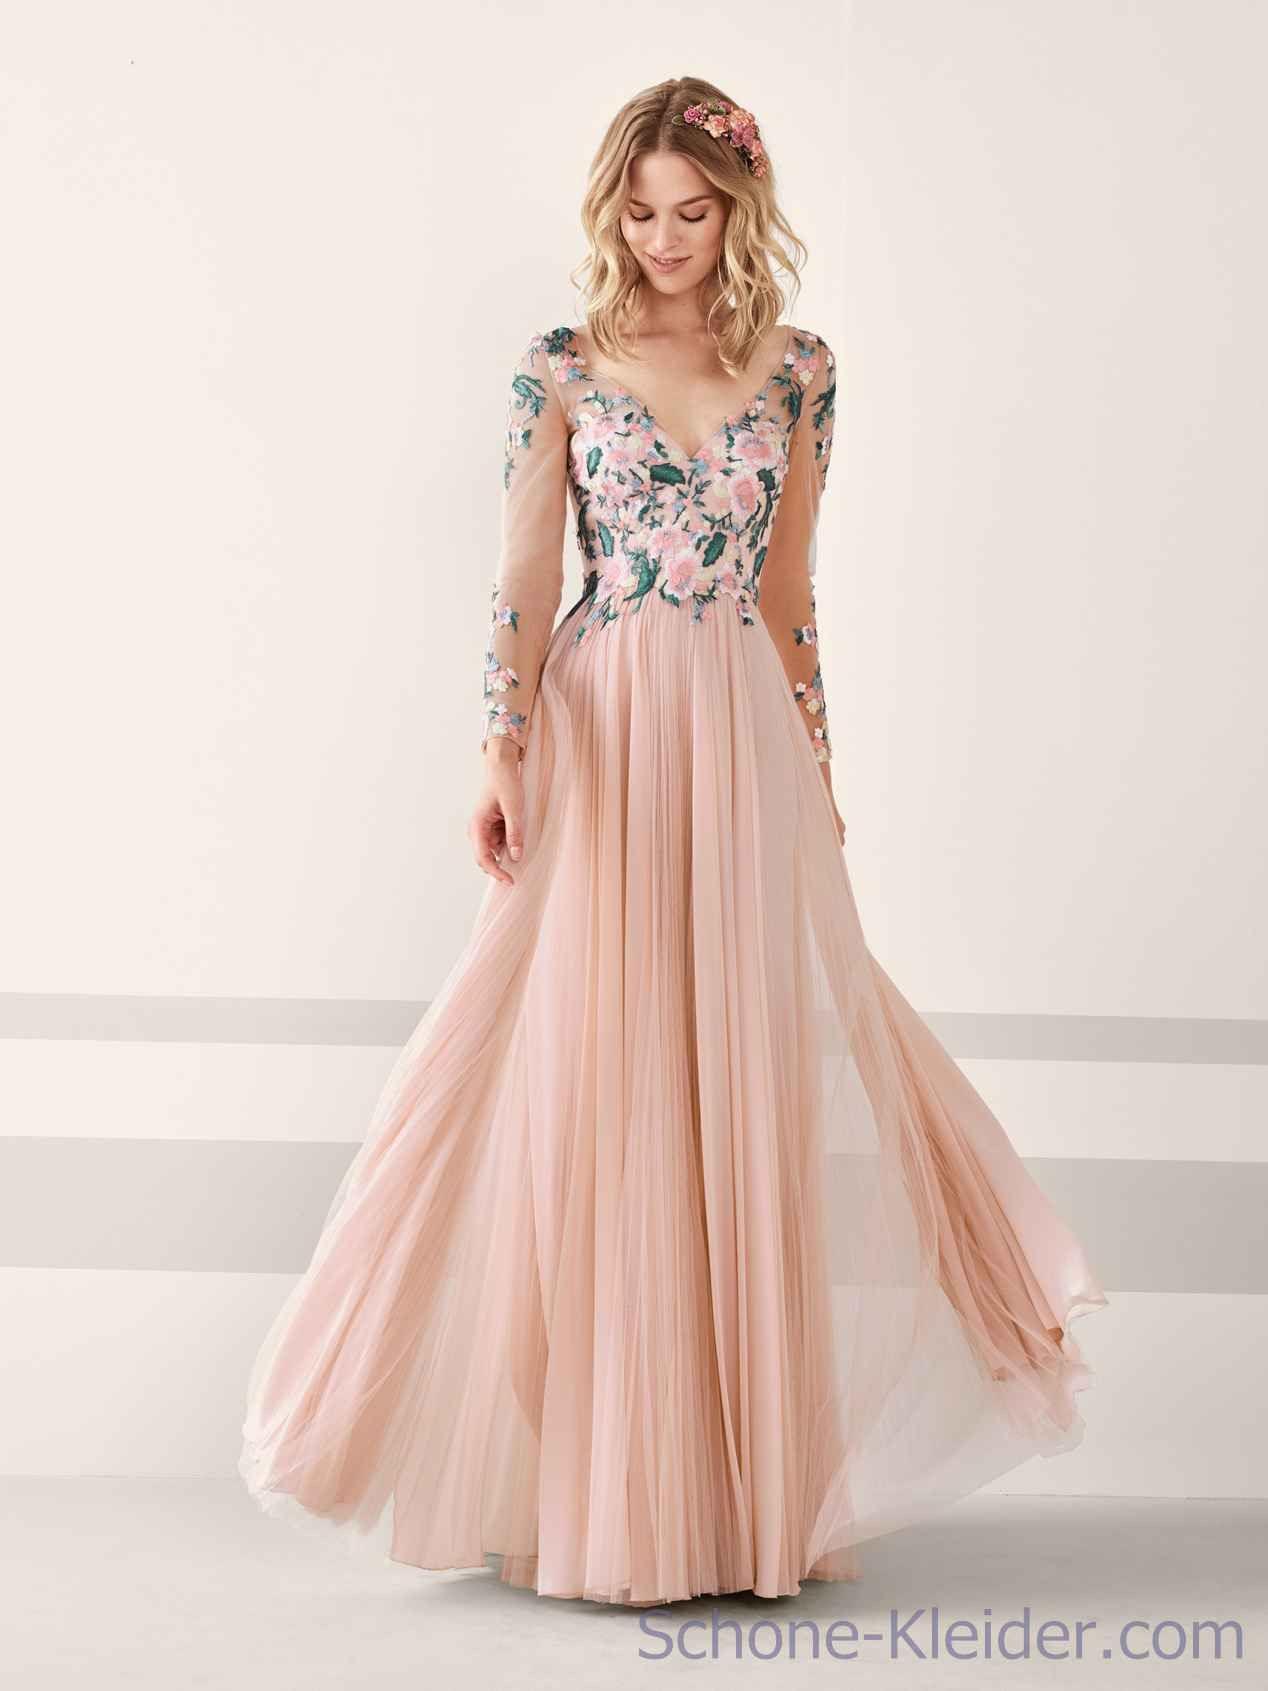 Designer Einzigartig Henna Abend Kurzes Kleid Gast für 2019 Schön Henna Abend Kurzes Kleid Gast Design